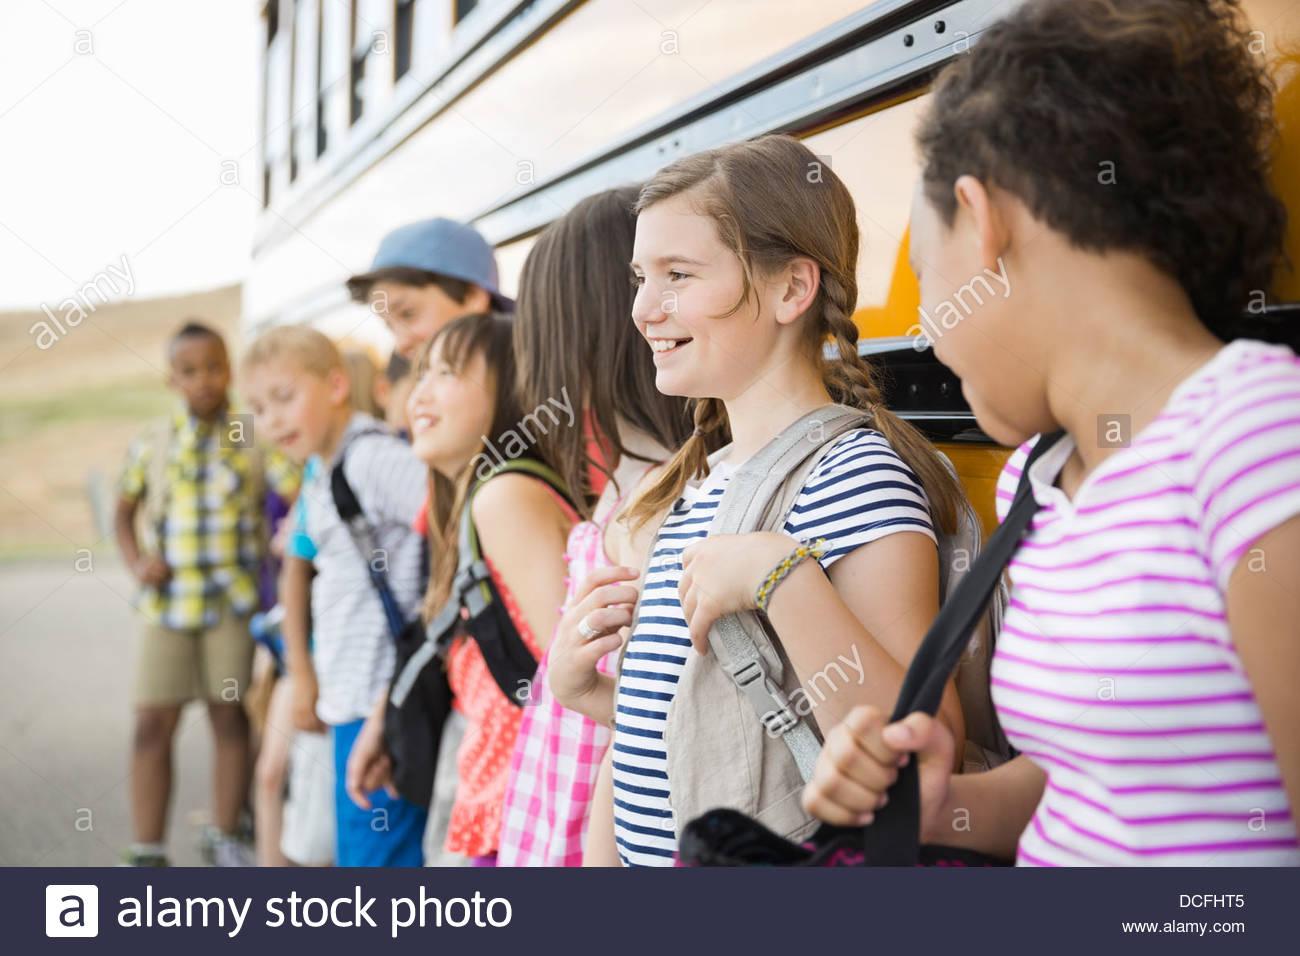 Schoolchildren standing against school bus - Stock Image